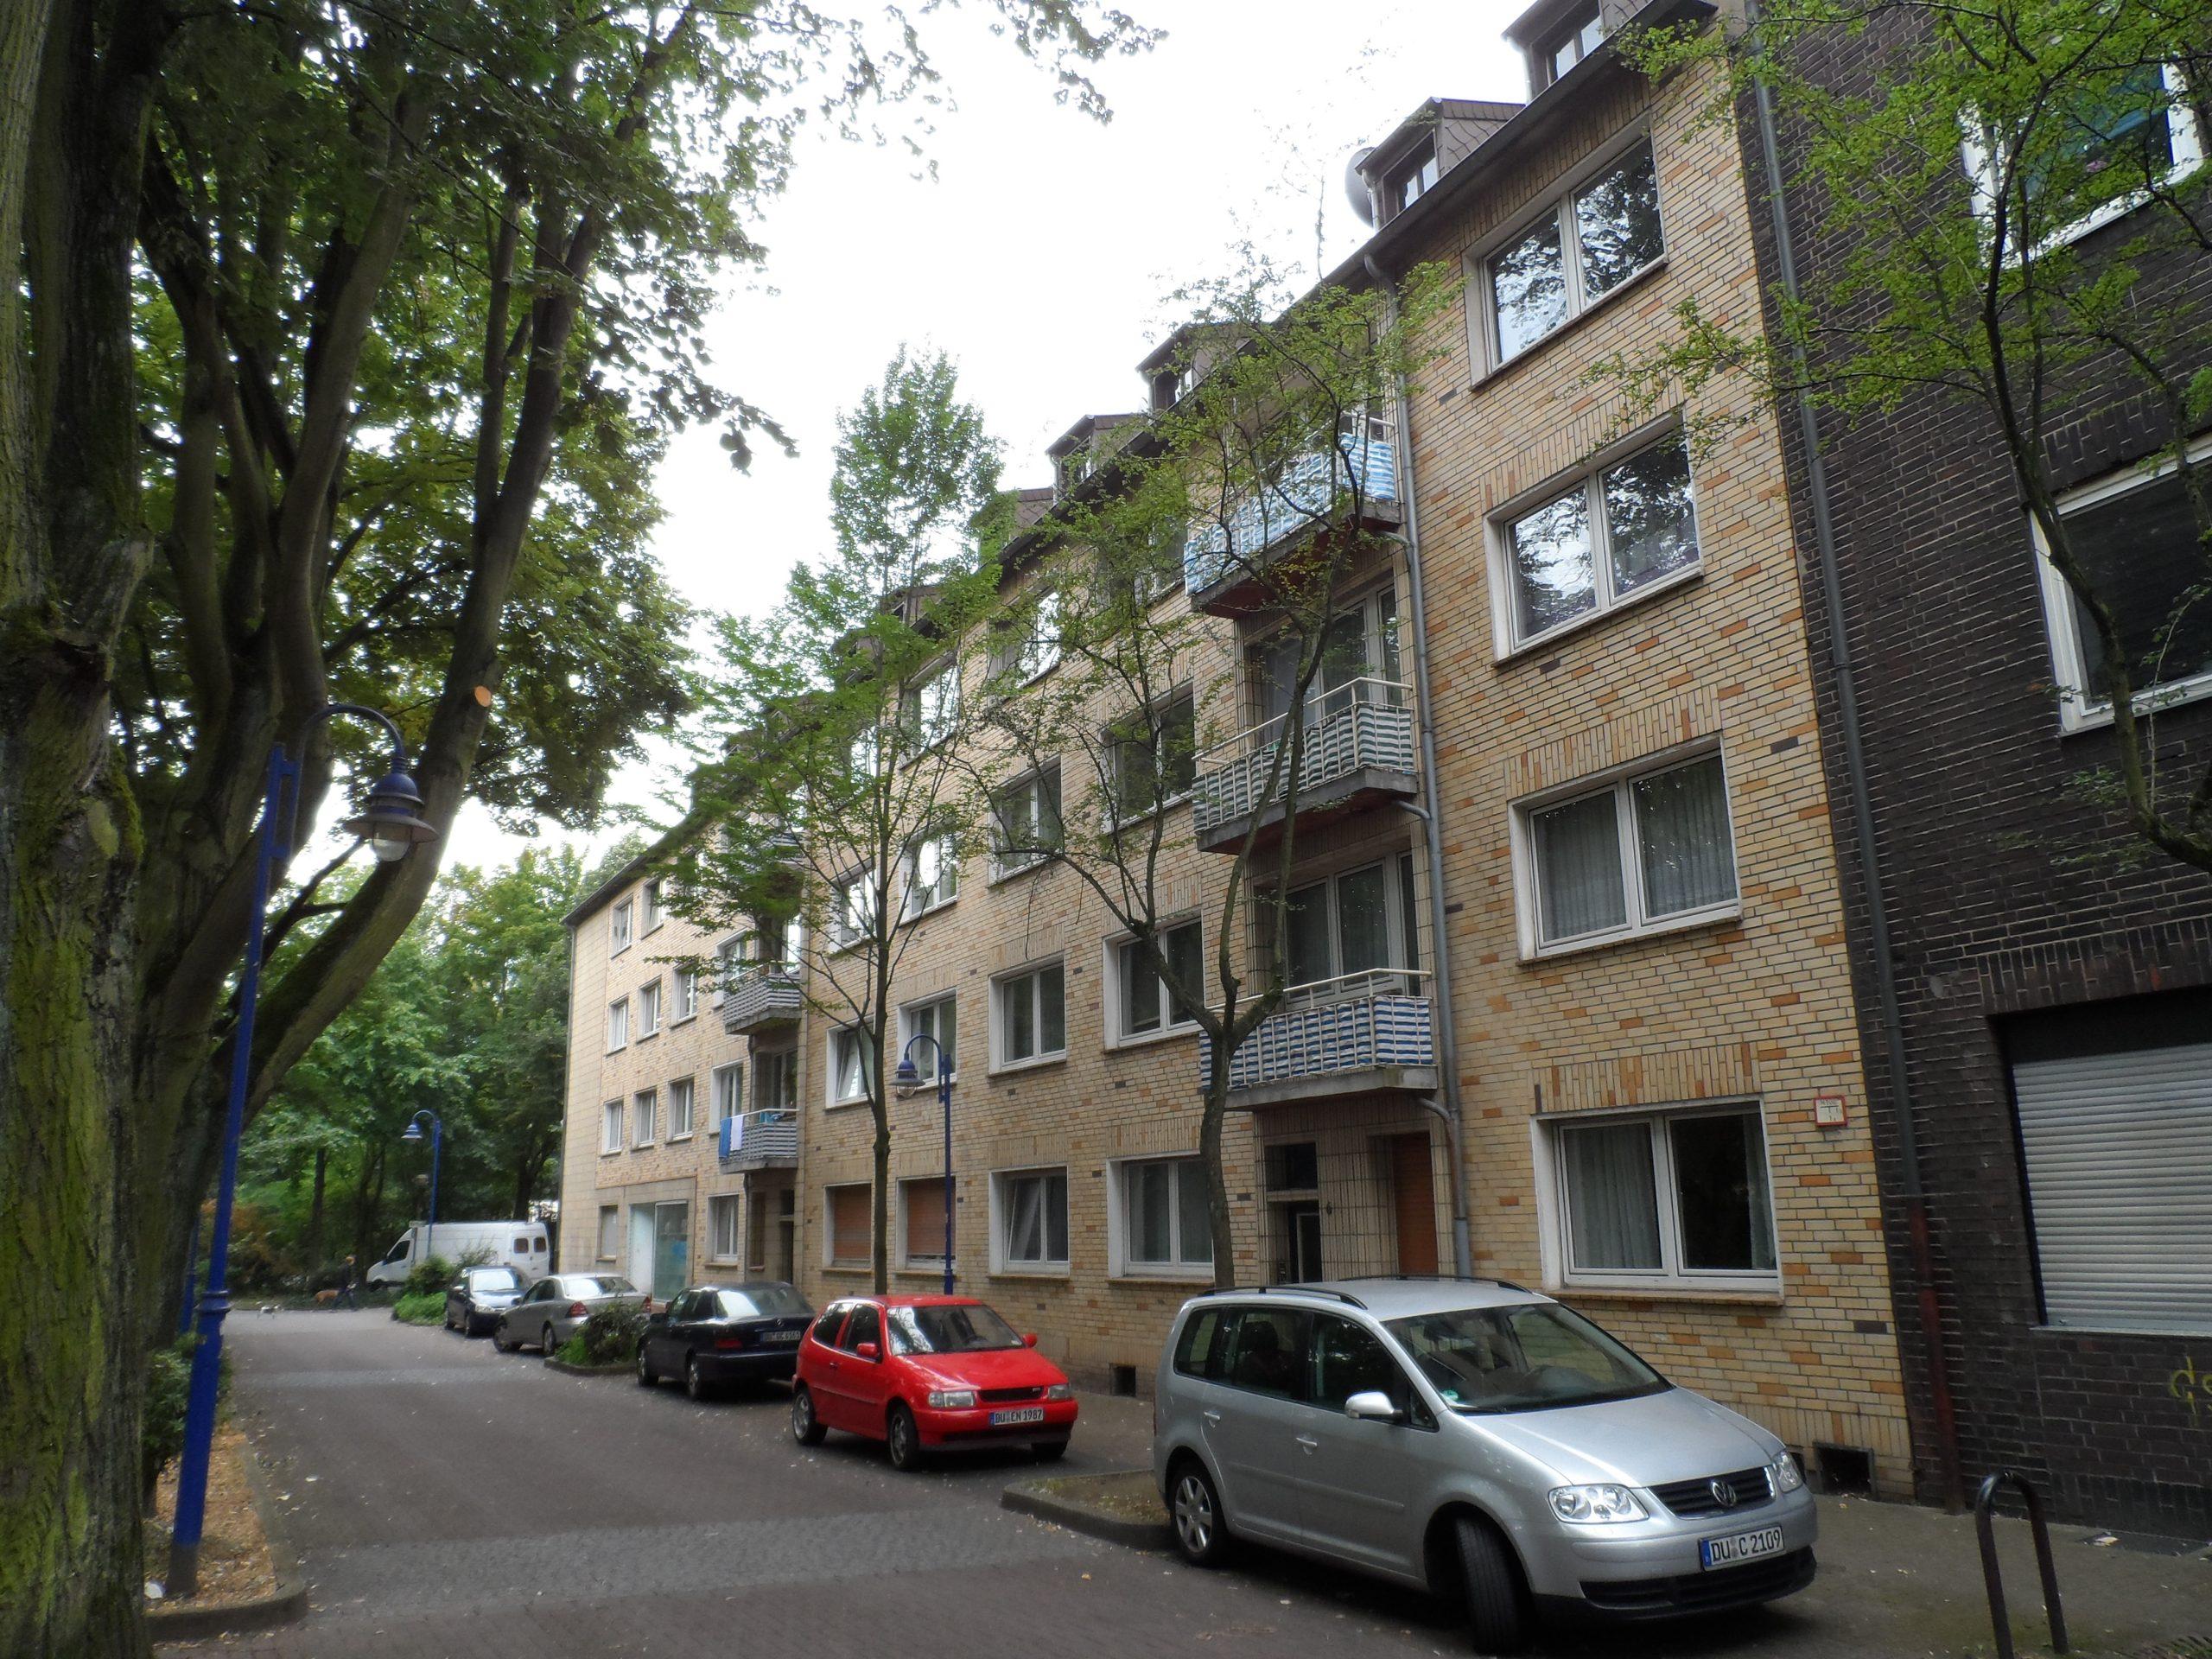 Vermietete Wohnung in Duisburg mit hoher Rendite